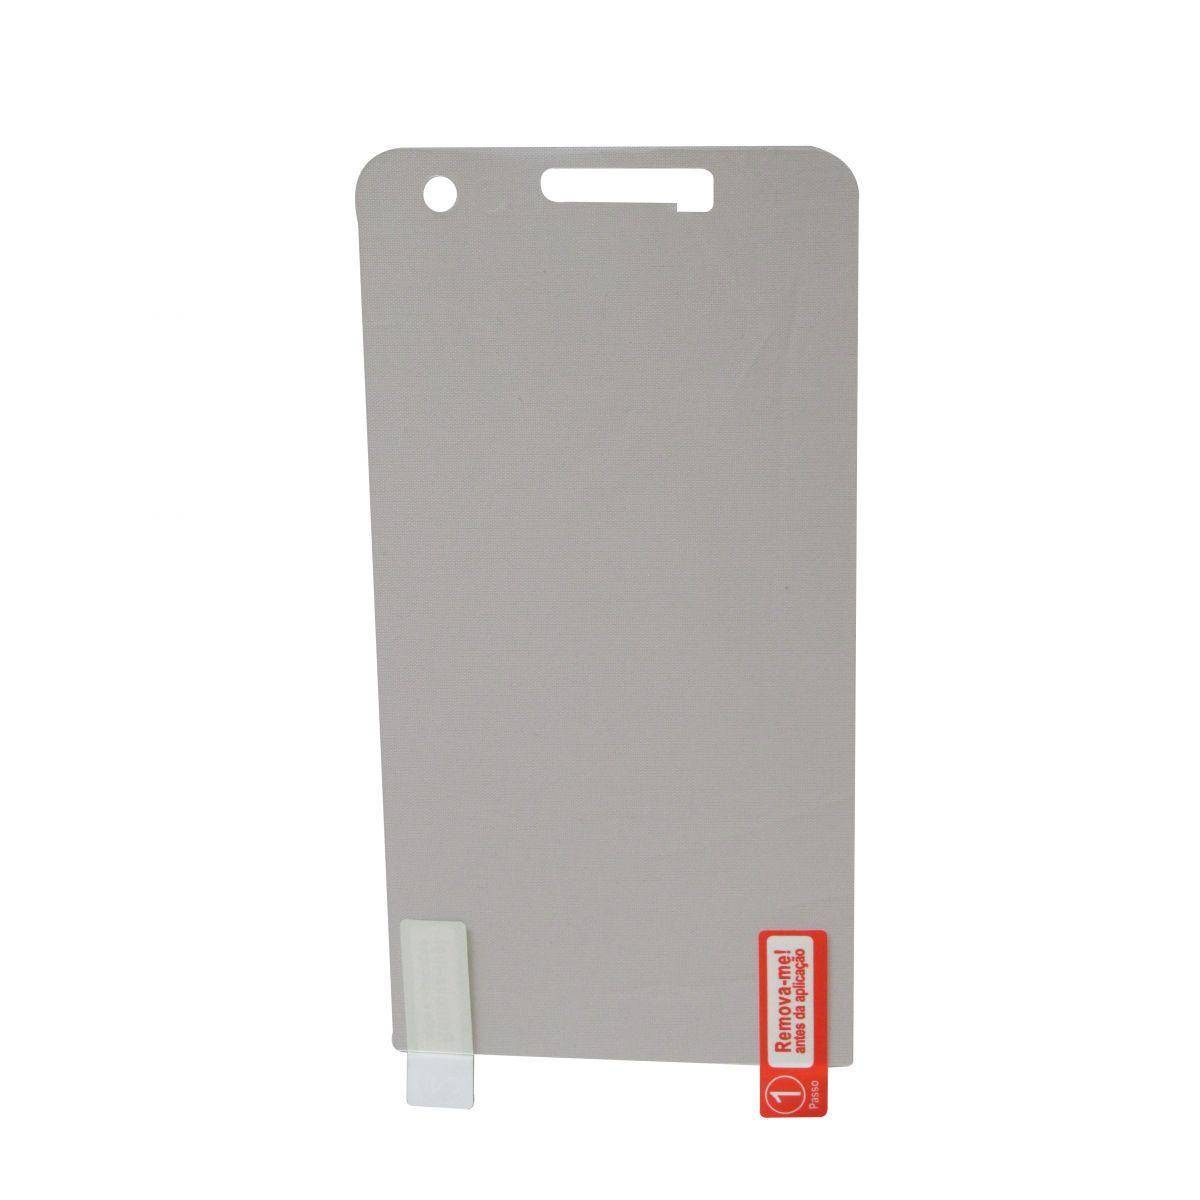 Pelicula Protetora para Asus Zenfone 5 A501 Transparente